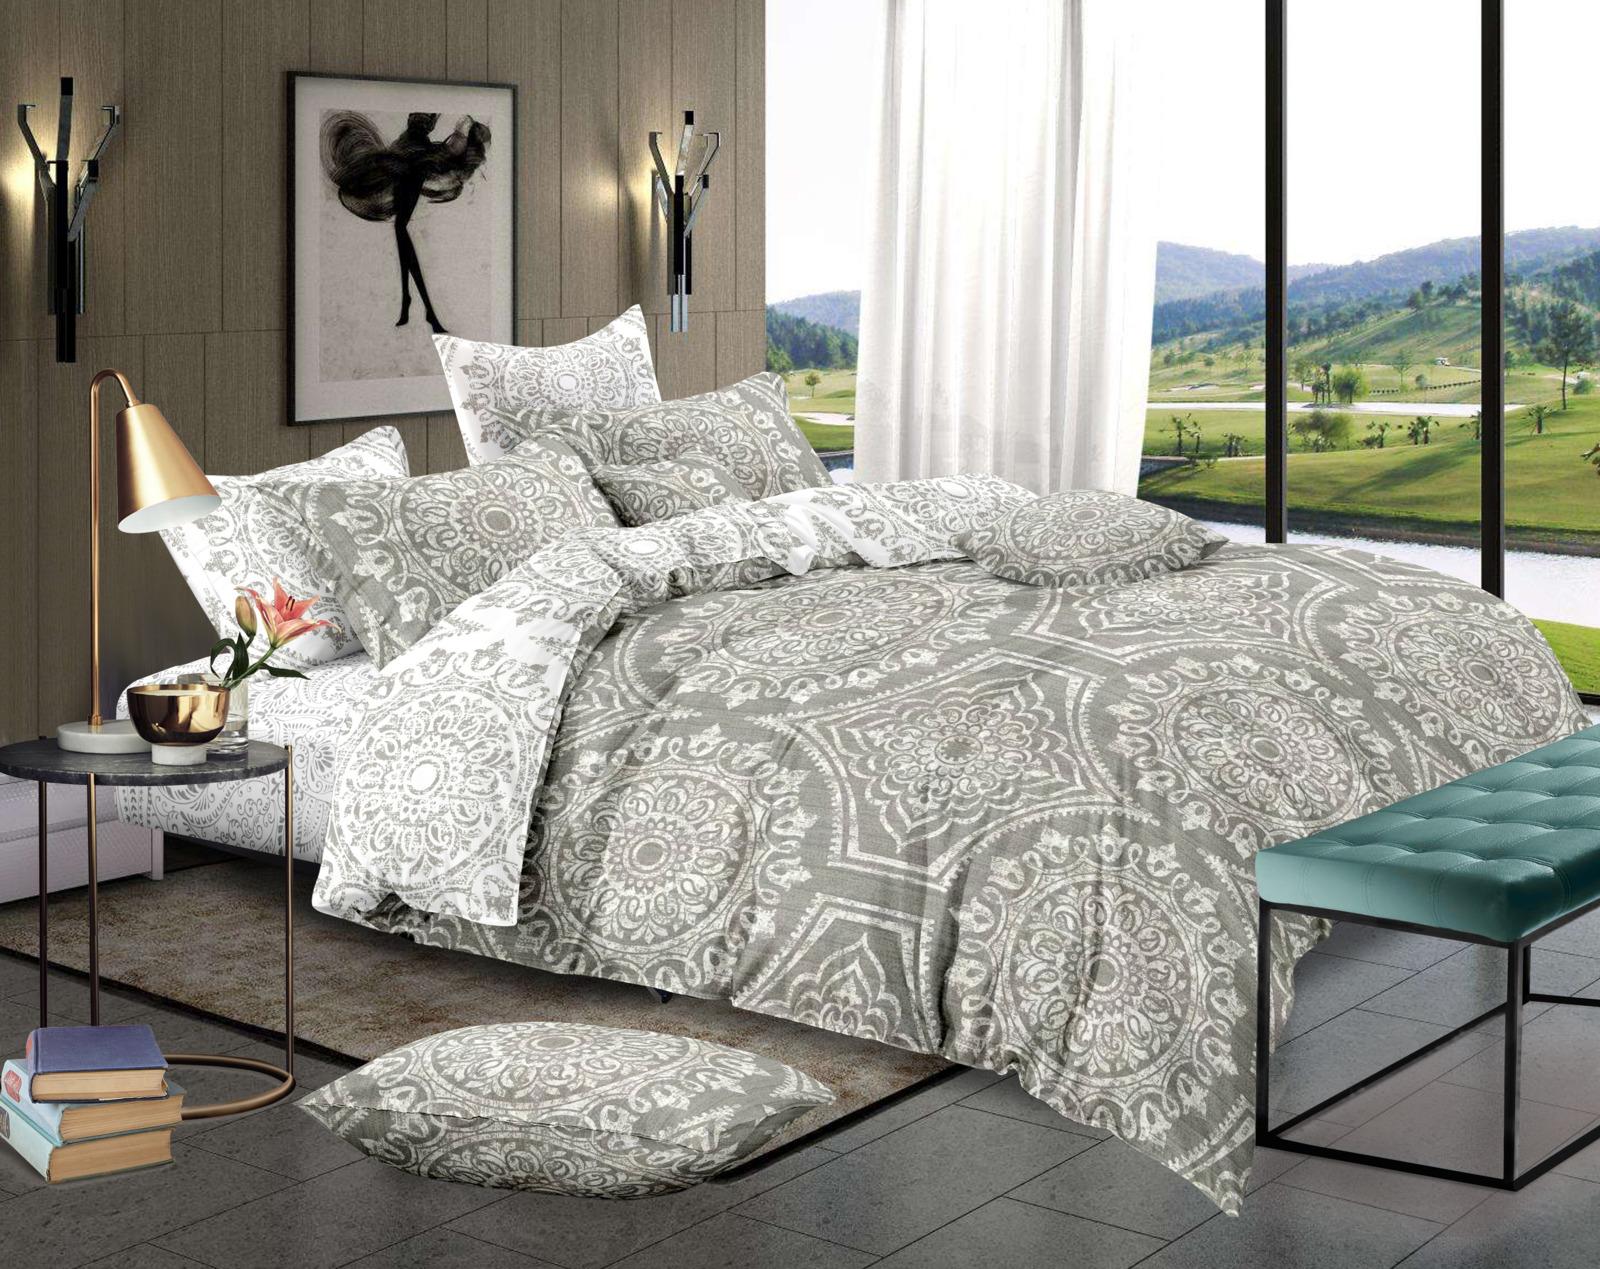 цена Комплект постельного белья Amore Mio Gold Edward, 7847, бежевый, 2-спальный, наволочки 70x70 онлайн в 2017 году